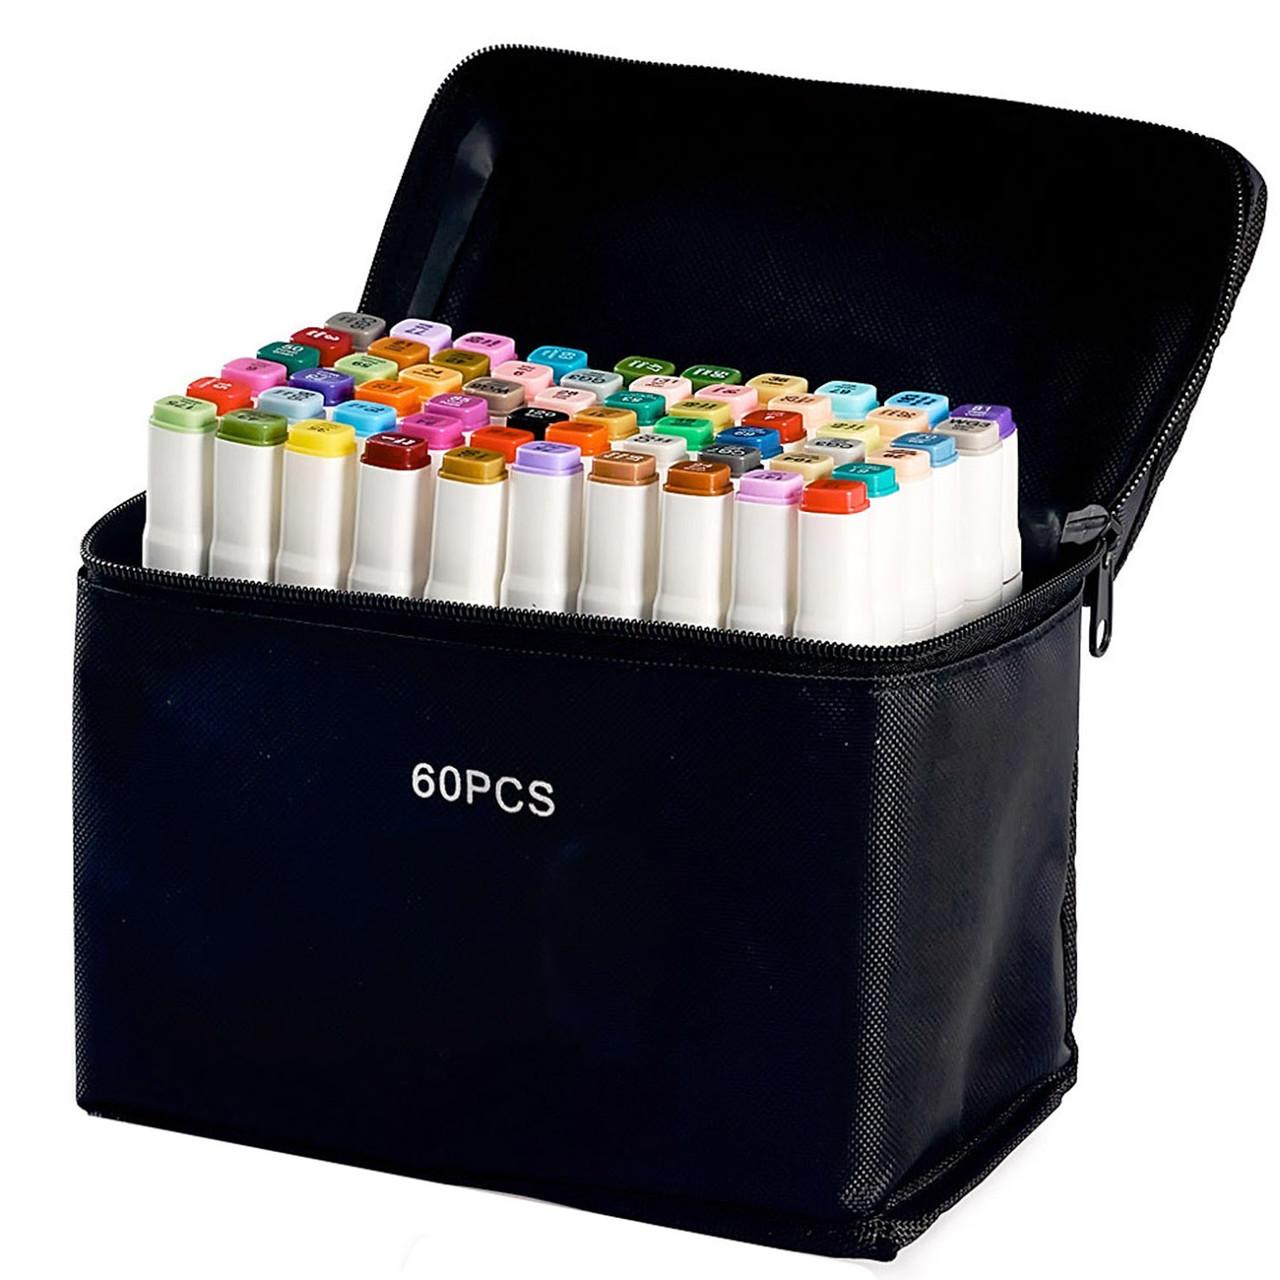 60 цветов! Набор двусторонних маркеров Touch для рисования и скетчинга на спиртовой основе  60 штук